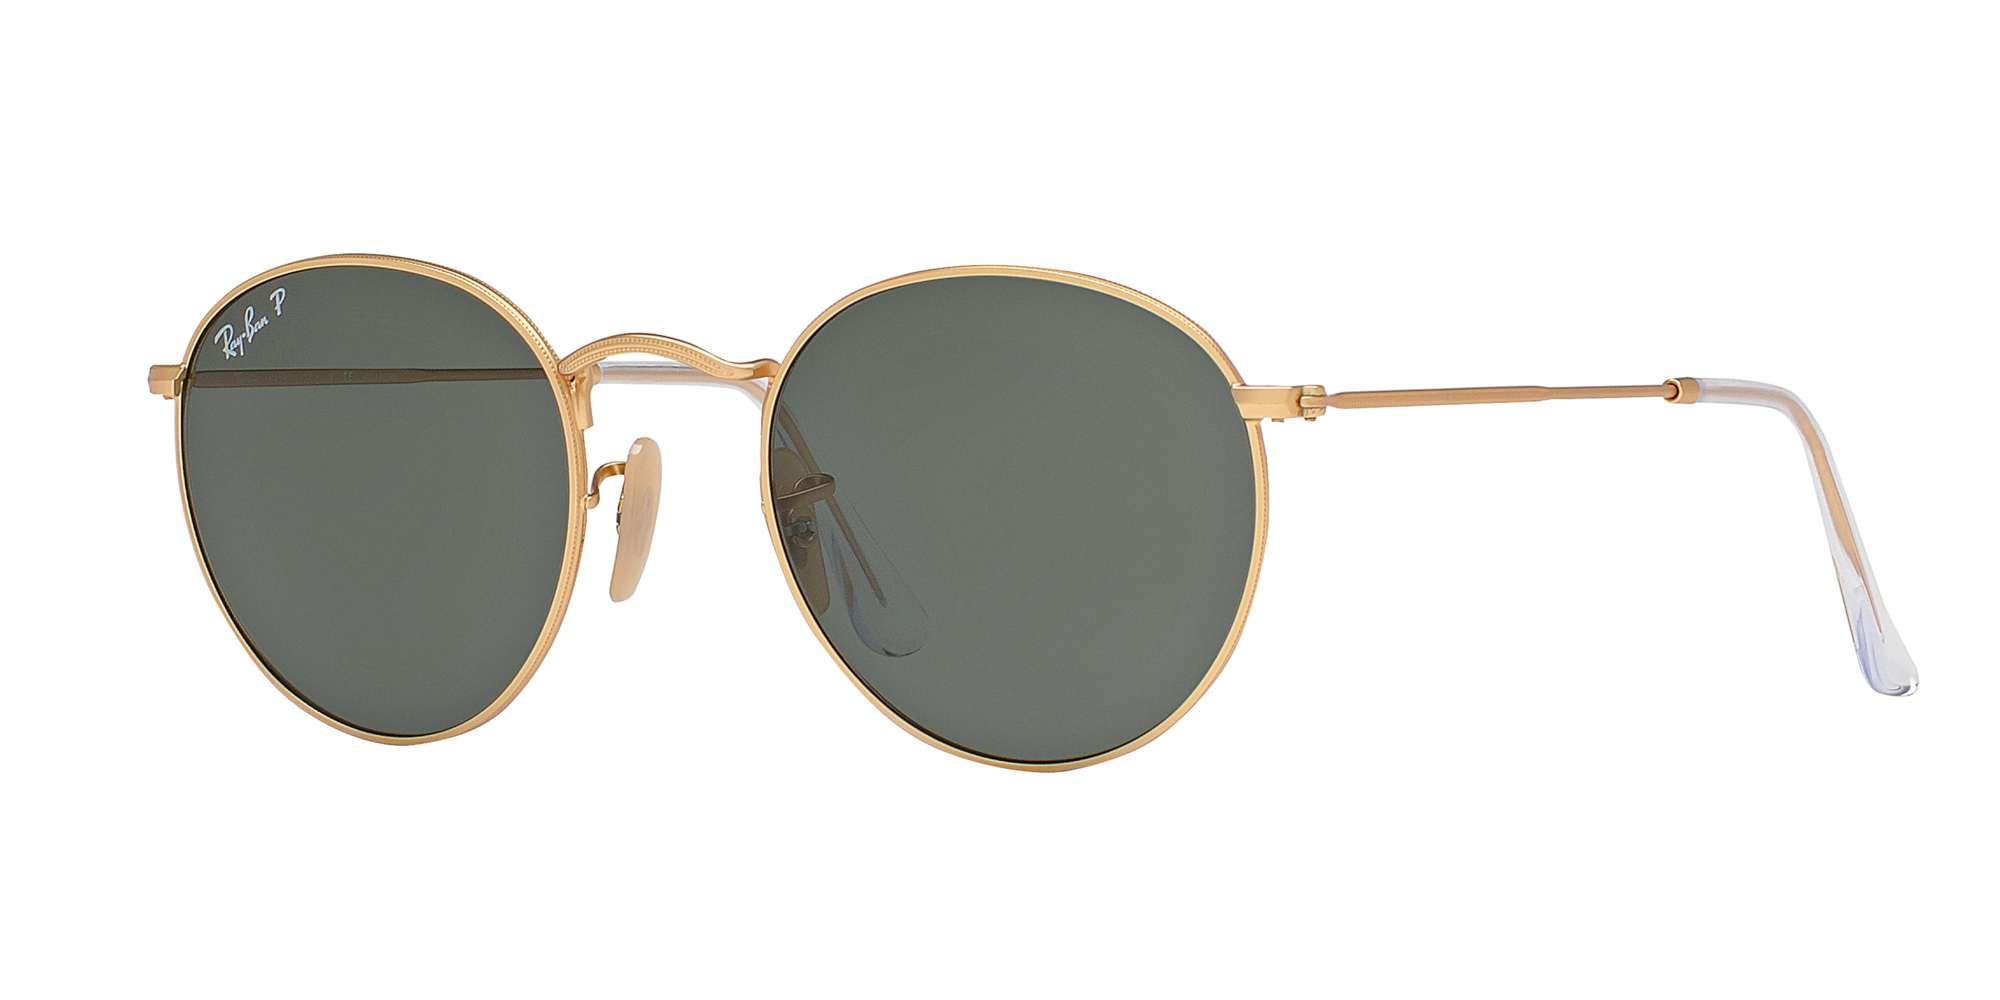 MATTE GOLD / POLAR GREEN lenses